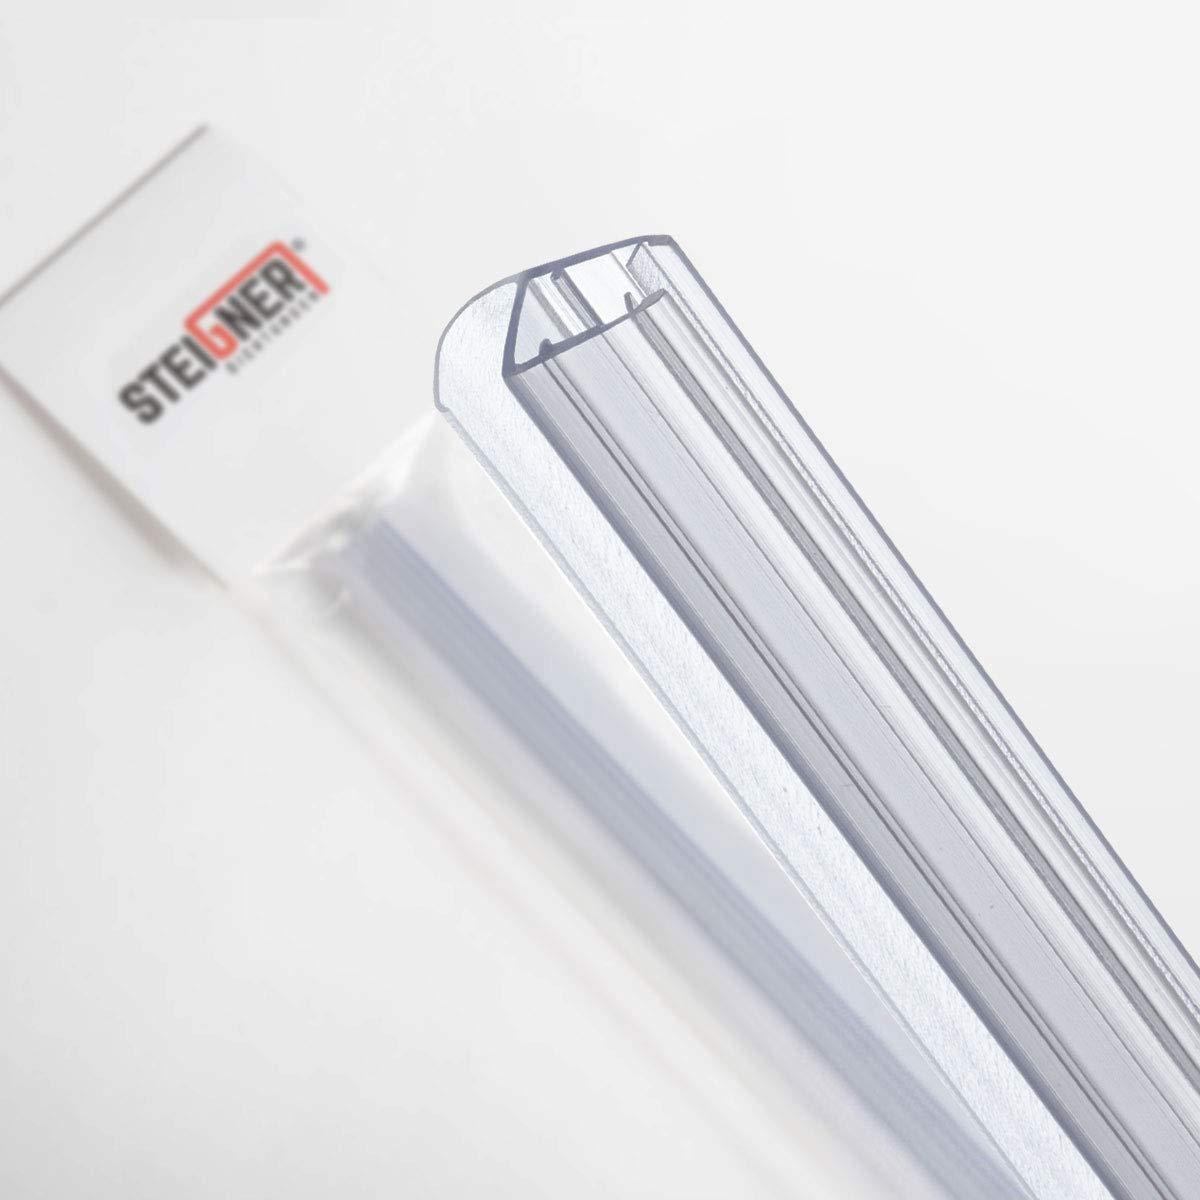 steigner 190/cm Joint de rechange pour 6/mm//7/mm//8/mm /épaisseur de verre douche D/éflecteurs dair eau Joint uk15/UPS Cascade Protection Cabine de douche